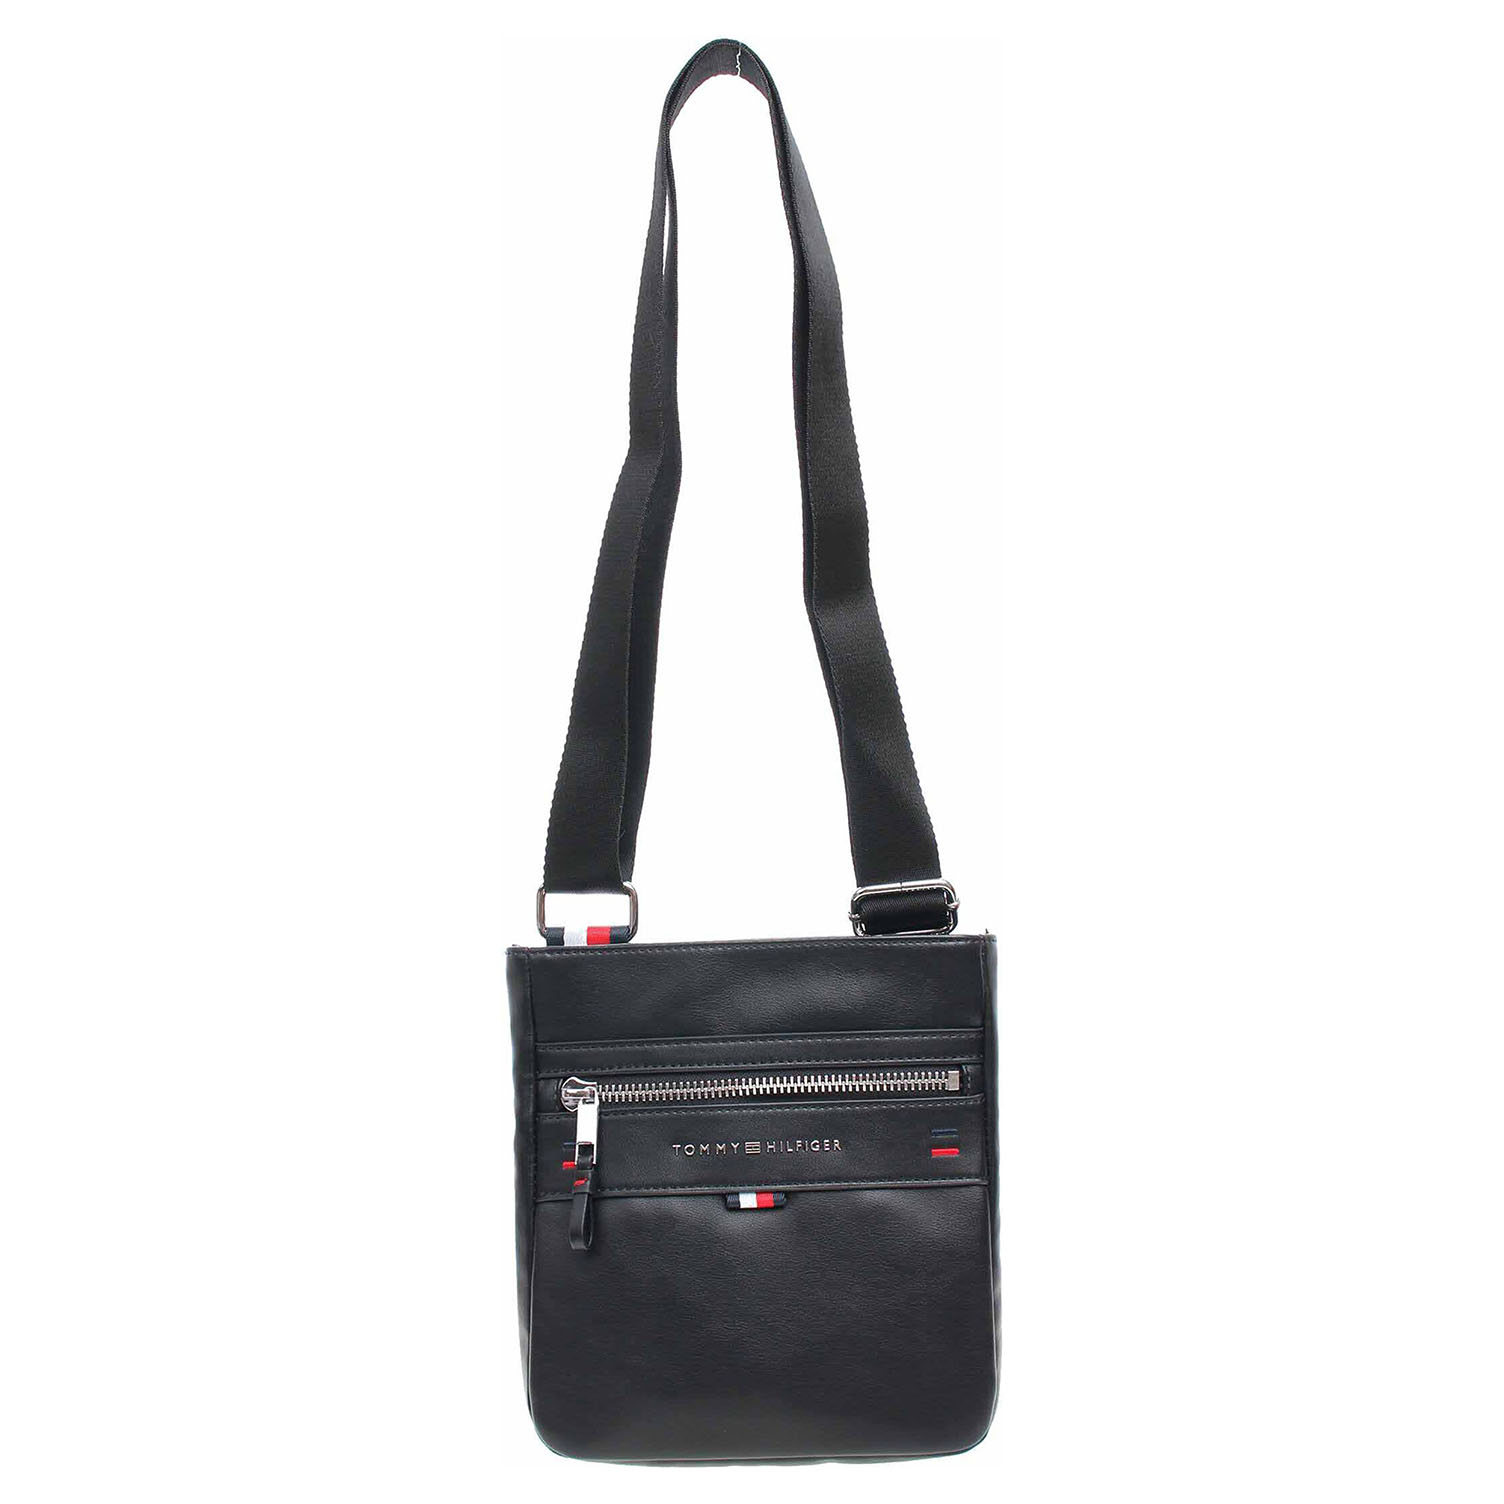 Tommy Hilfiger pánská taška AM0AM04640 002 black AM0AM04640 002 1